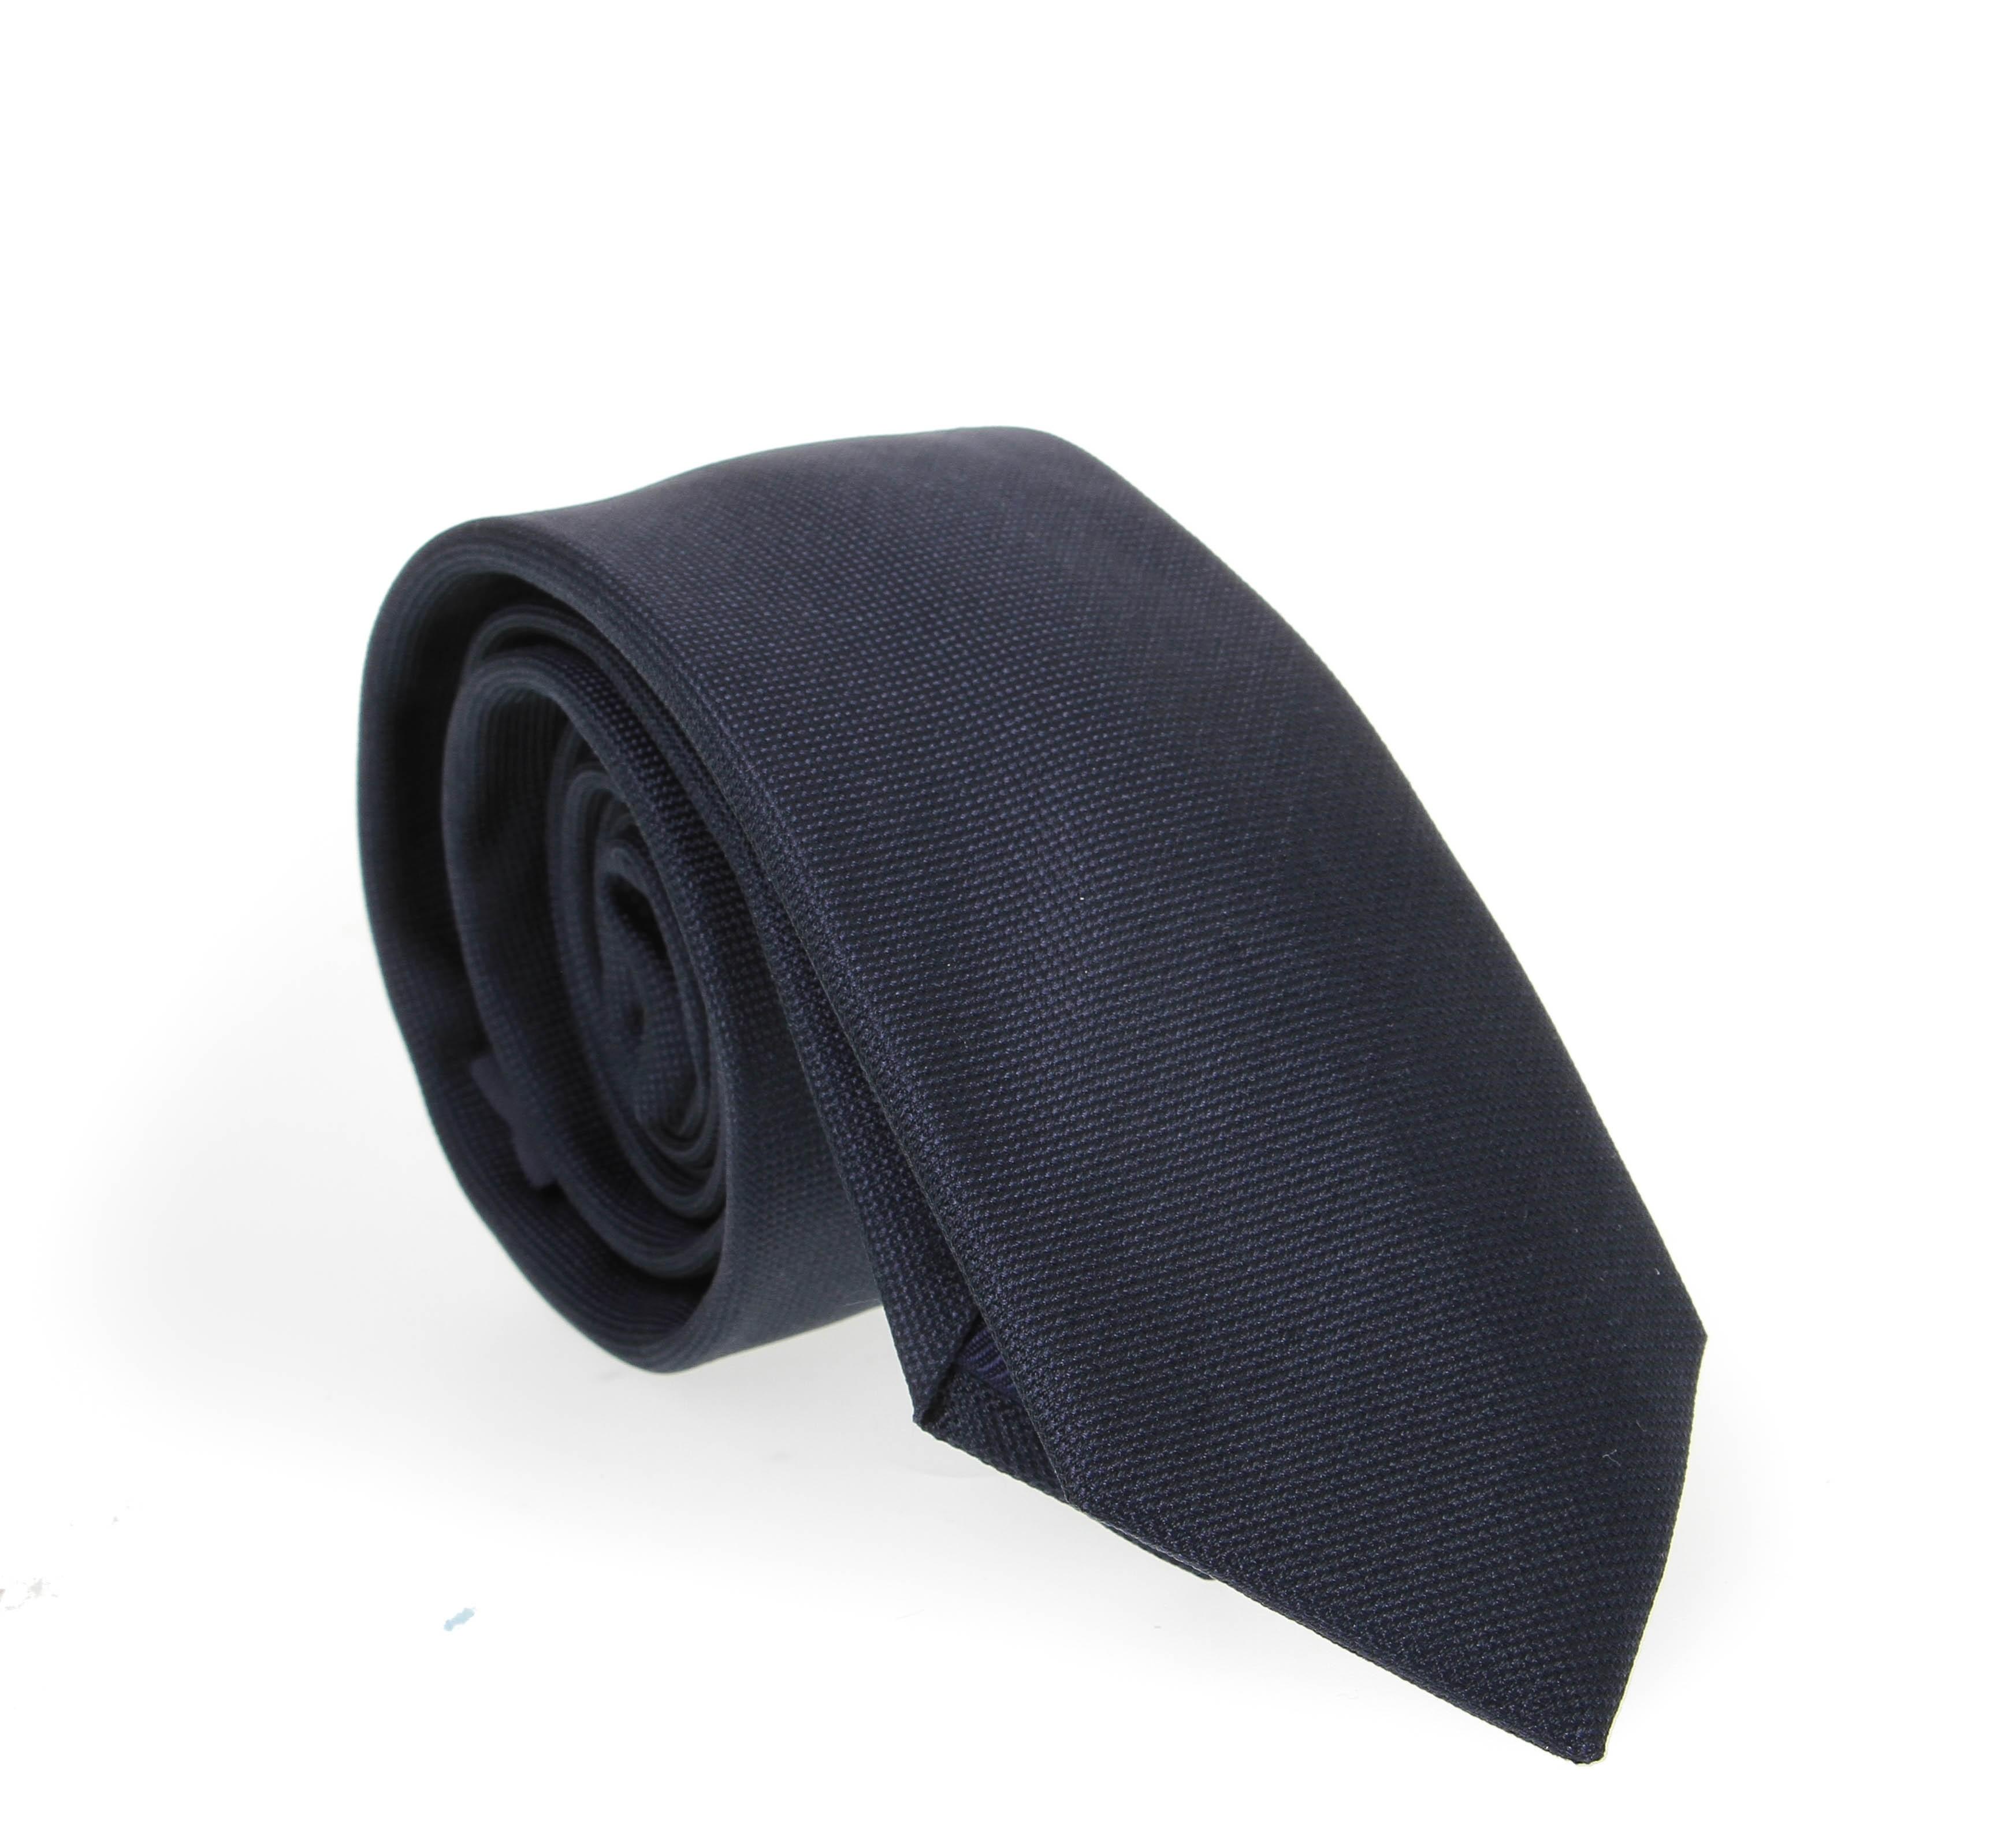 Cravate en soie : Bleu marine - Grainé